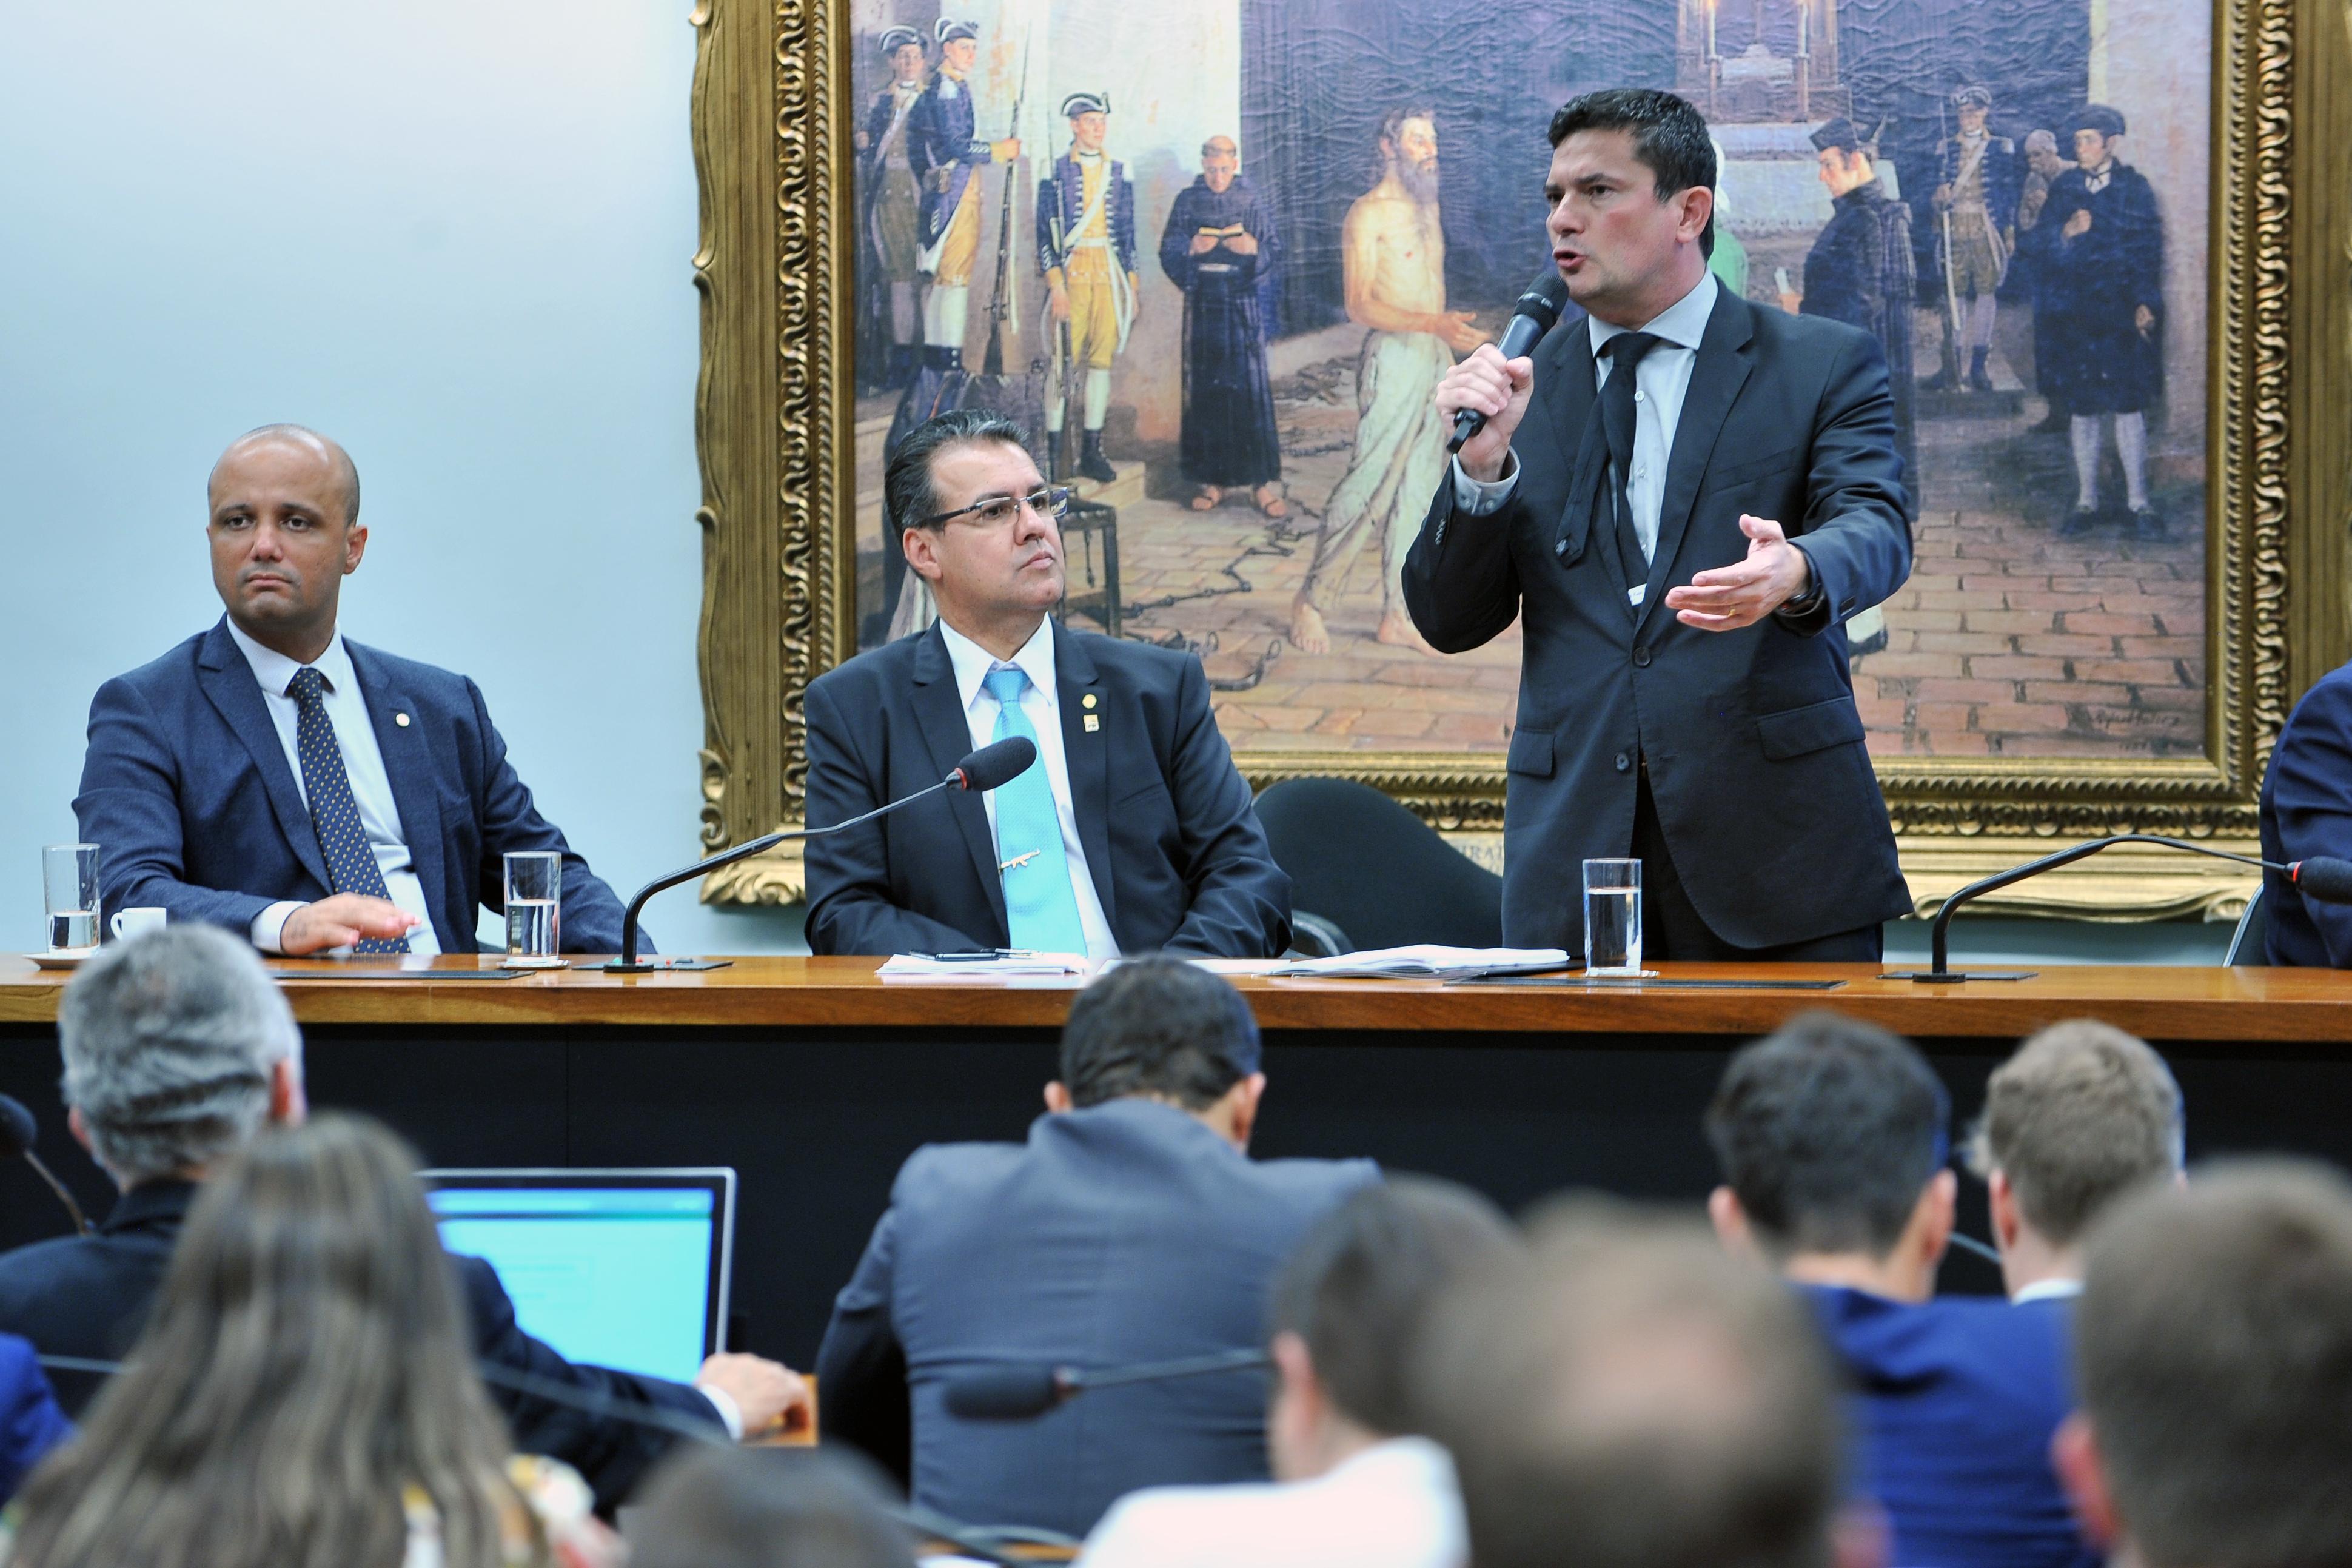 Frente Parlamentar de Segurança Pública, com a presença do Ministro da Justiça, Sérgio Moro.